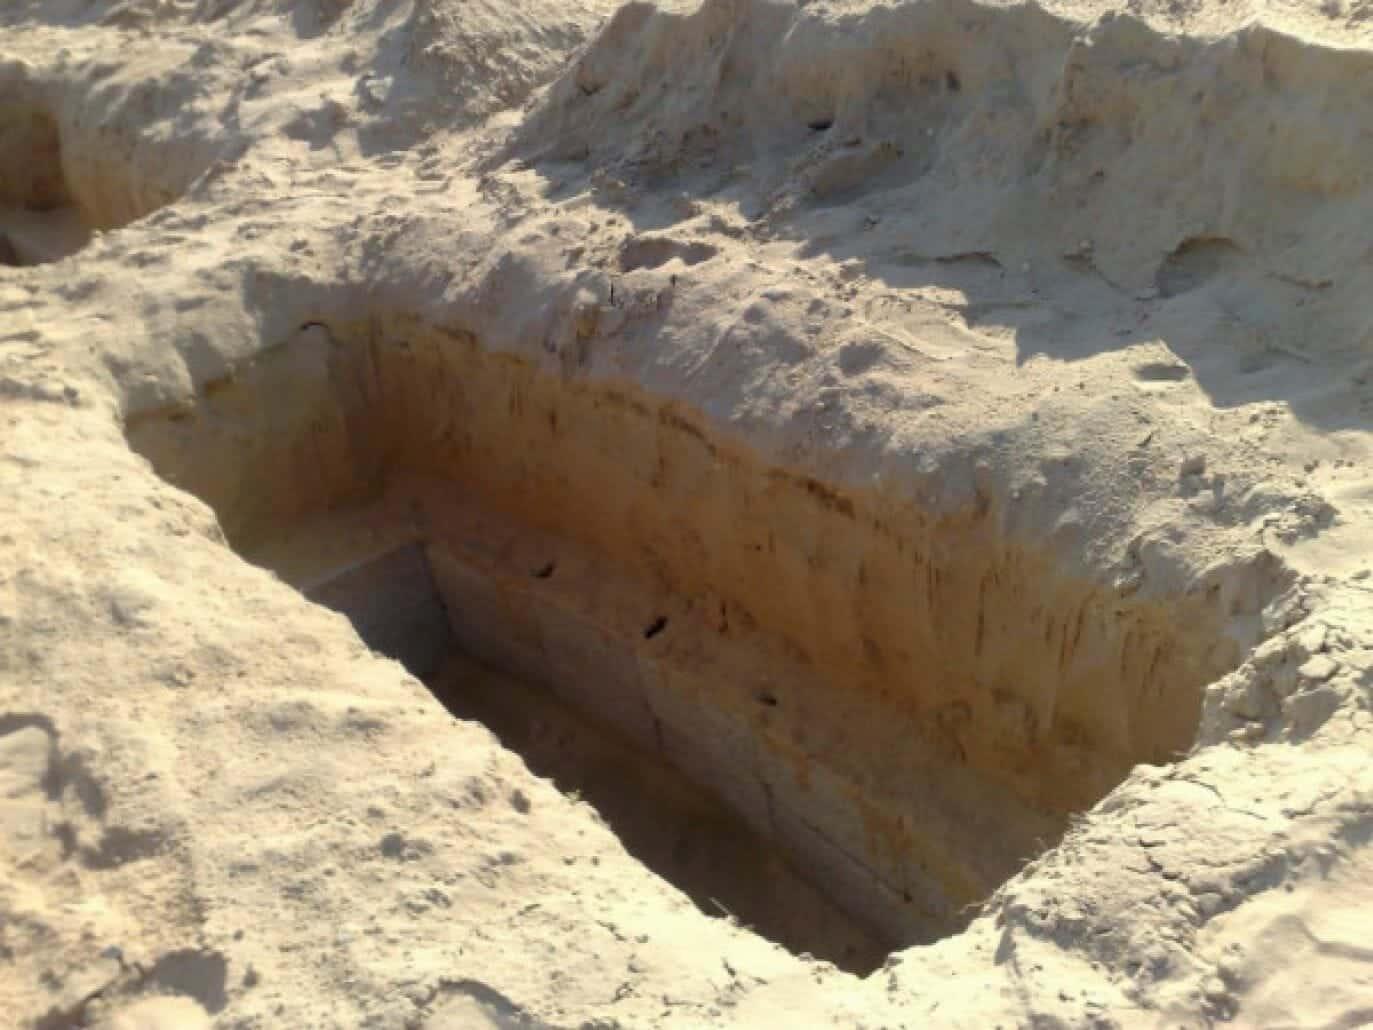 دفن هندوسي في السعودية على الطريقة الاسلامية